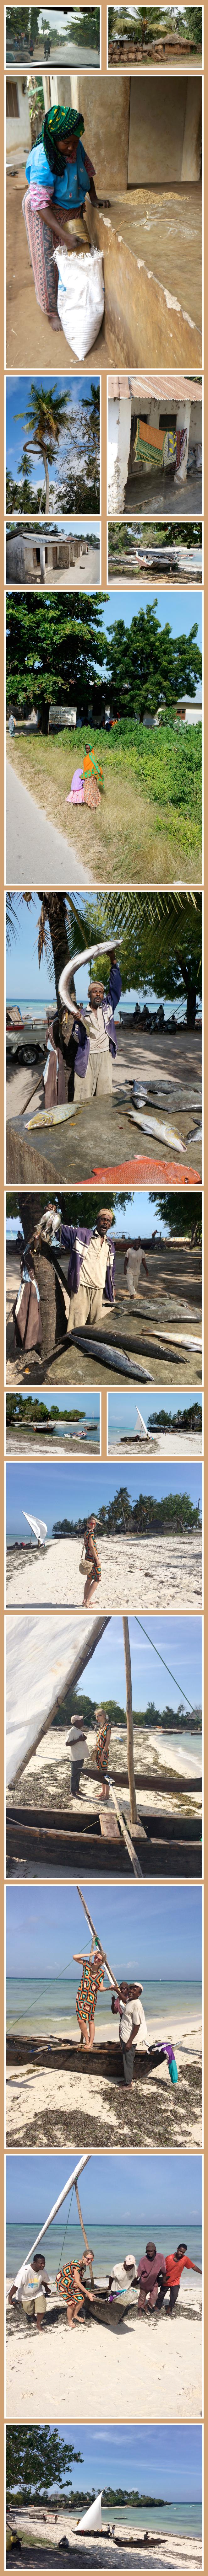 Visita en Zanzíbar de un pueblo de pescadores donde estuvimos conversando con los pescadores y viendo como limpiaban sus barquitos de vela y de madera llamados dhow (son icónicos de Zanzíbar).